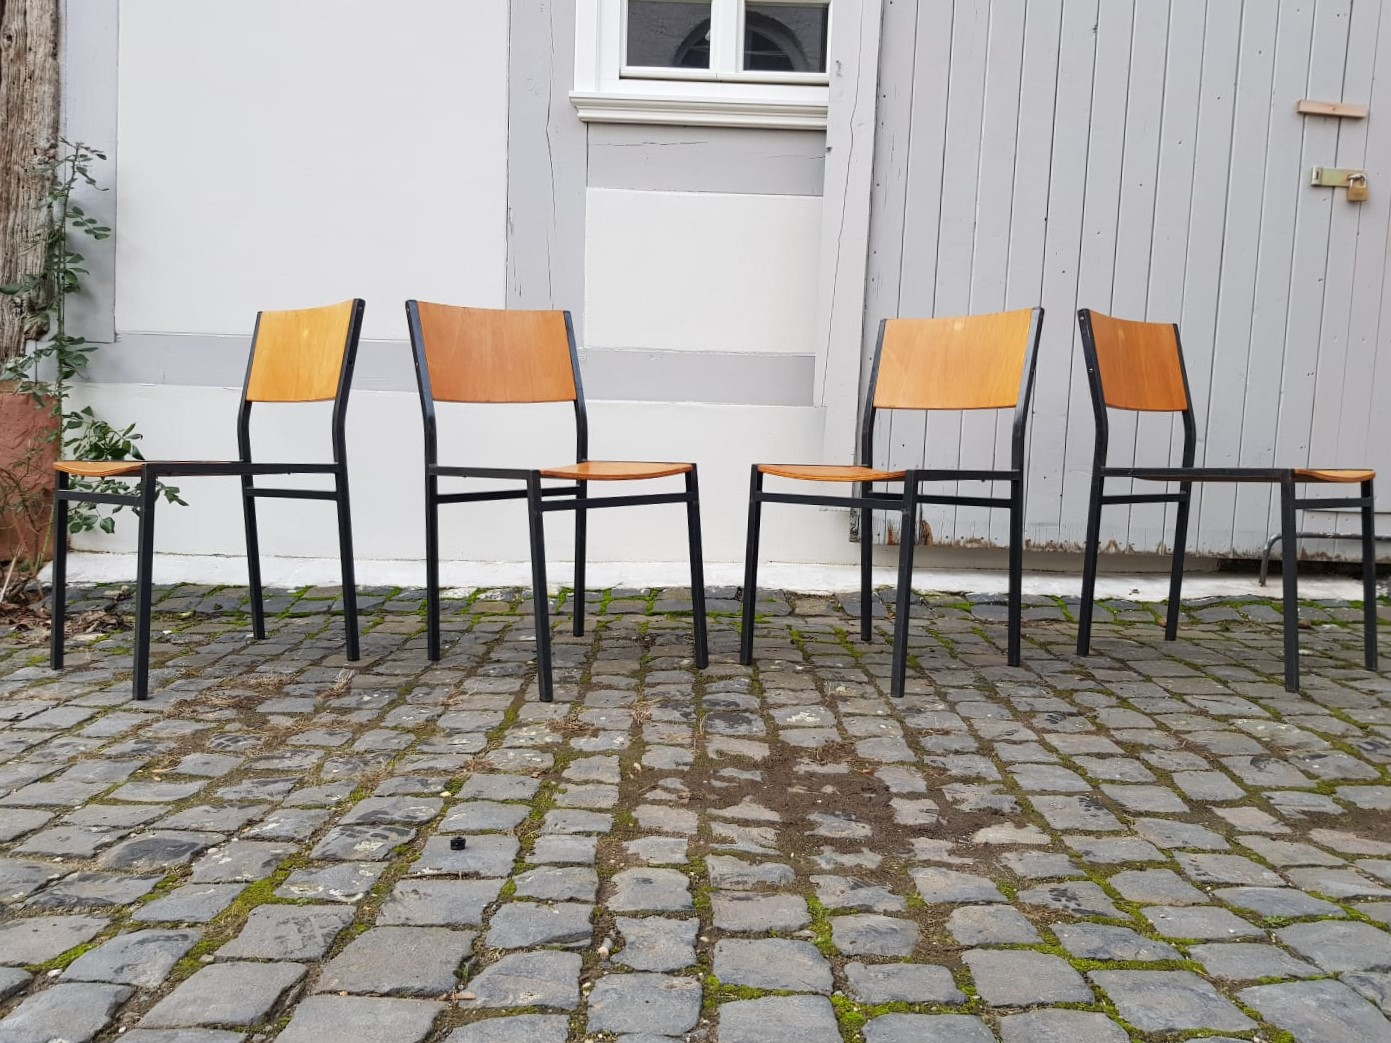 Vintage Used Design Chair Stuhl Bauhaus Mid-Century Modern gebraucht 0